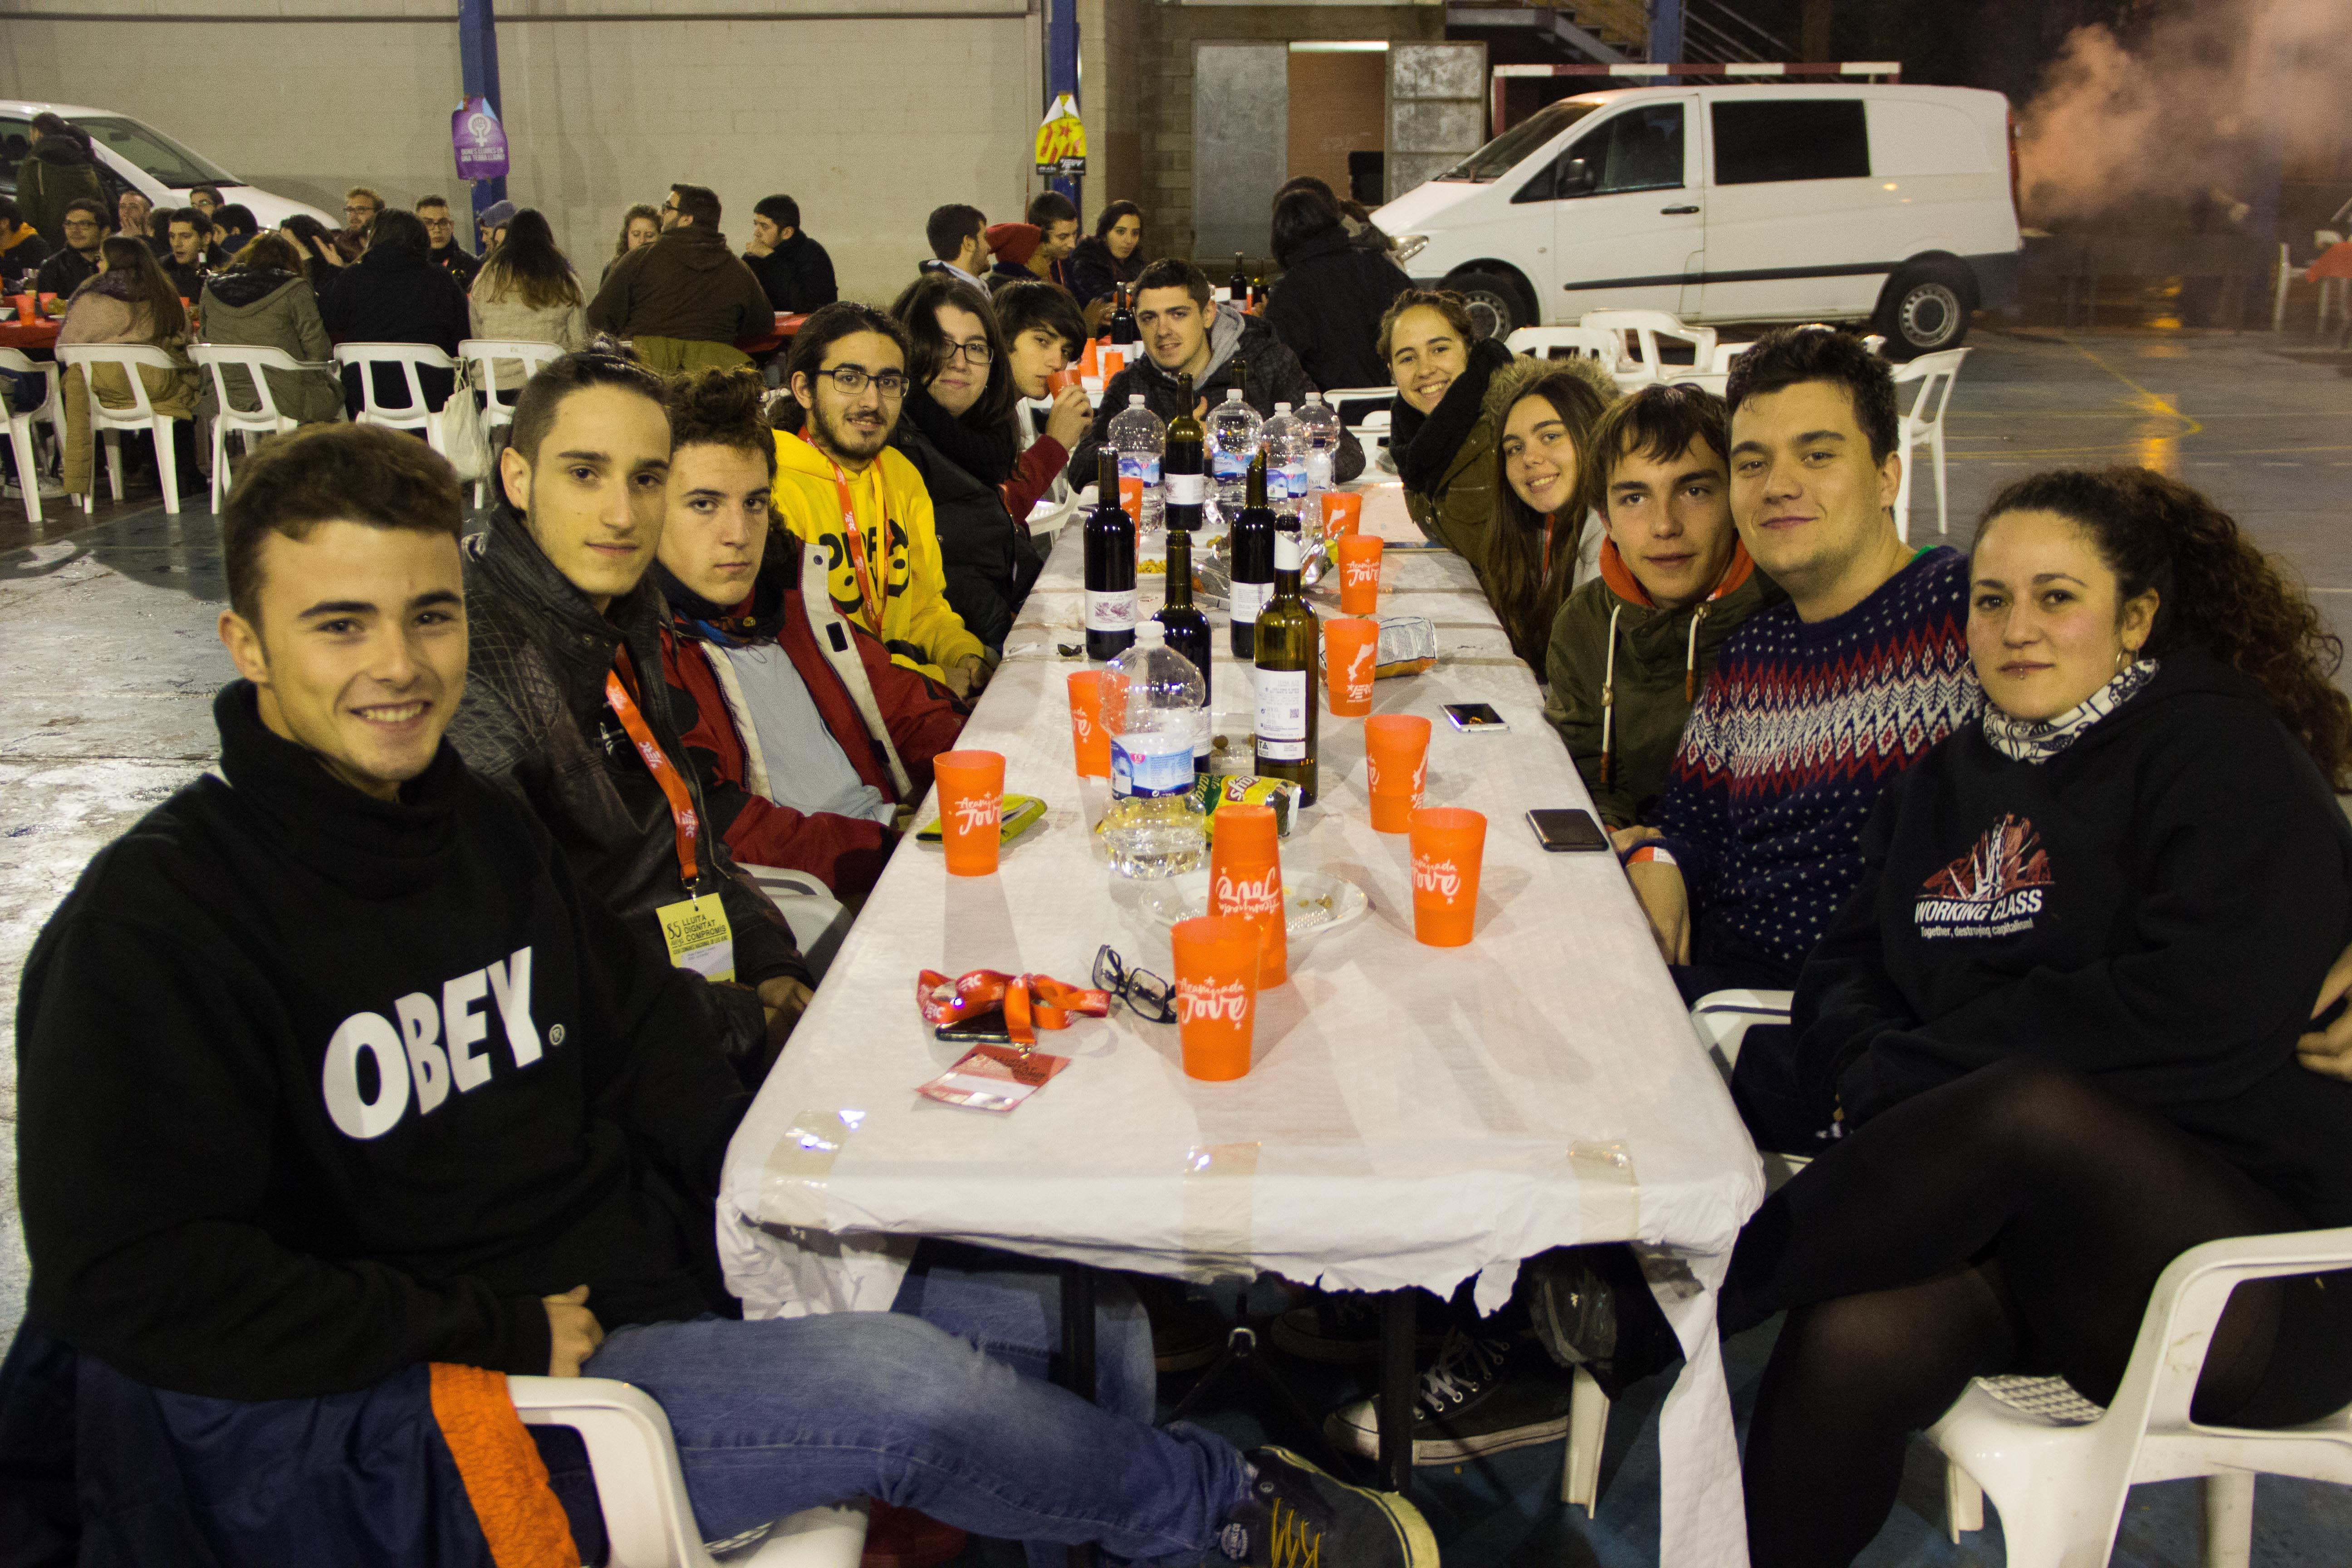 20161129200505_20161127_Congres-Nacional-JERC-Benicarlo_21_Marc-Tiendajpg.jpg